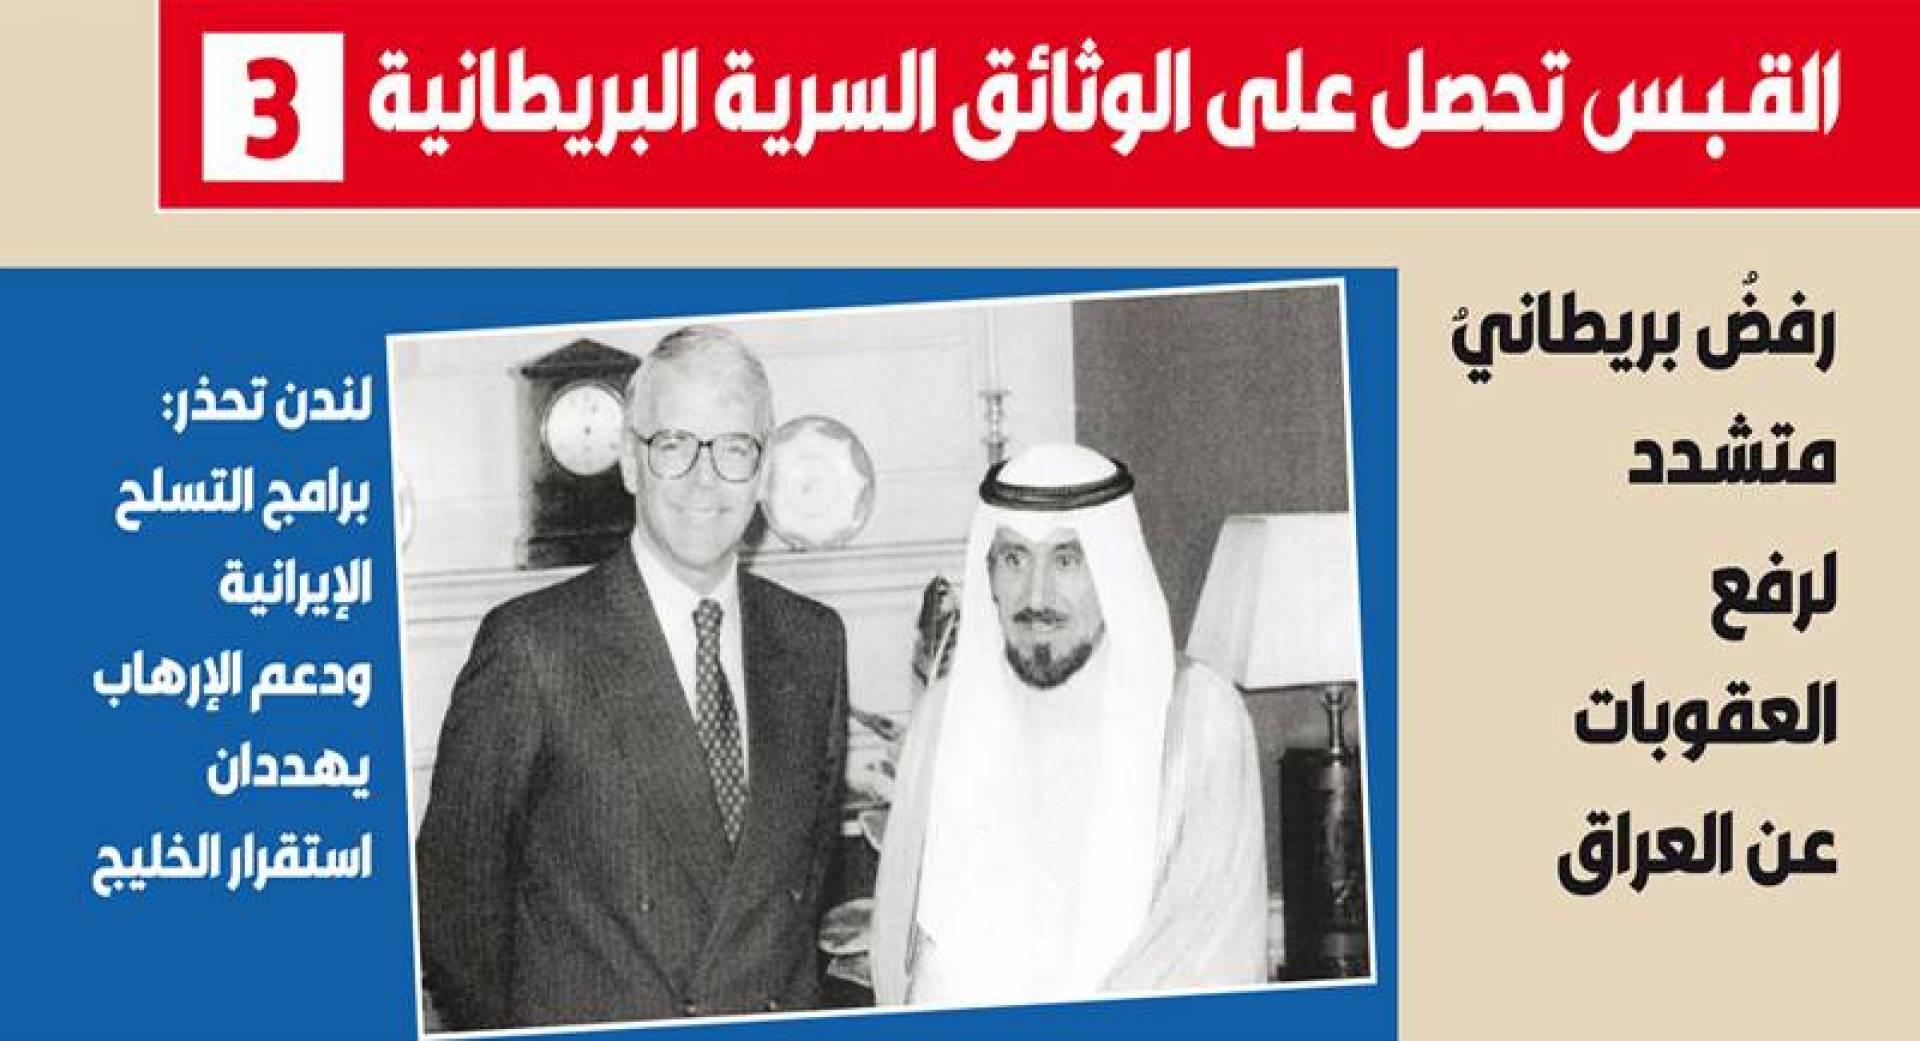 رفضٌ بريطانيٌ متشدد لرفع العقوبات عن العراق